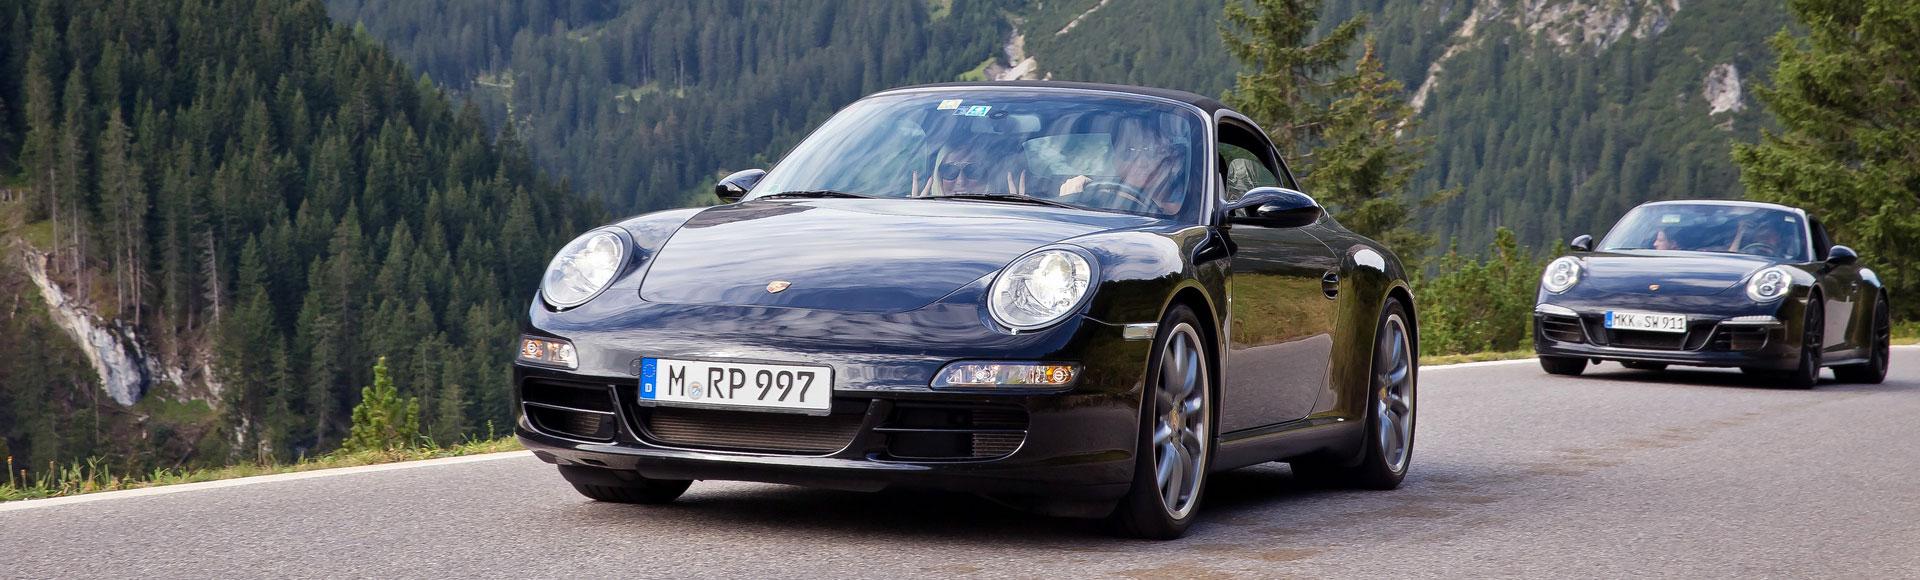 Porsche 911 997 Cabrio 0115 Sommer